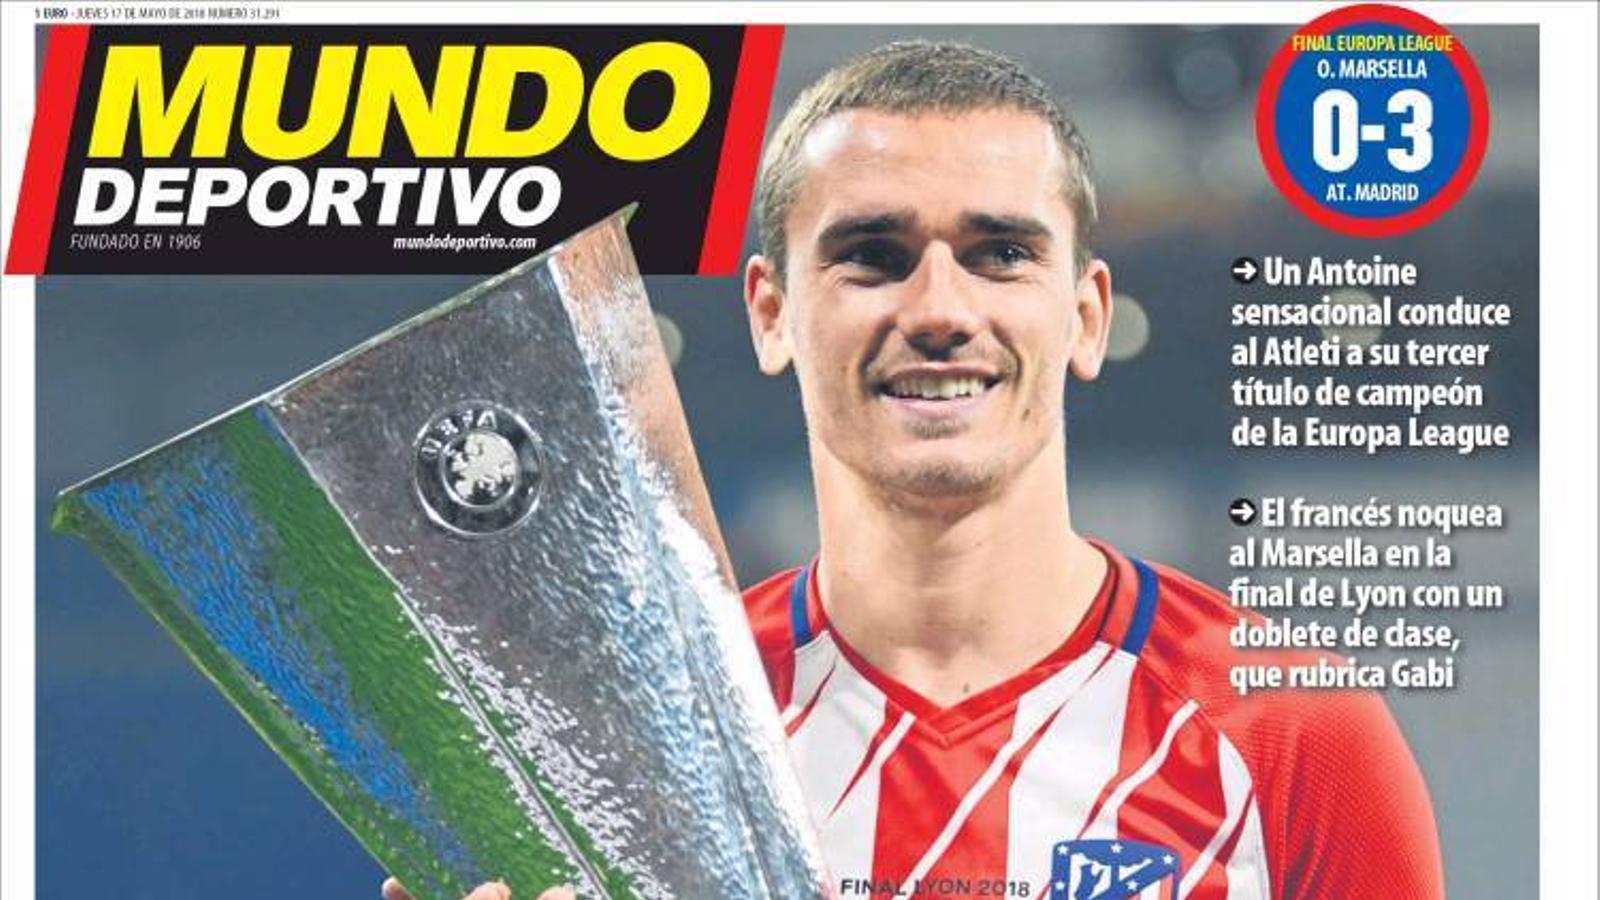 Portada 17 maig 2018 Mundo Deportivo